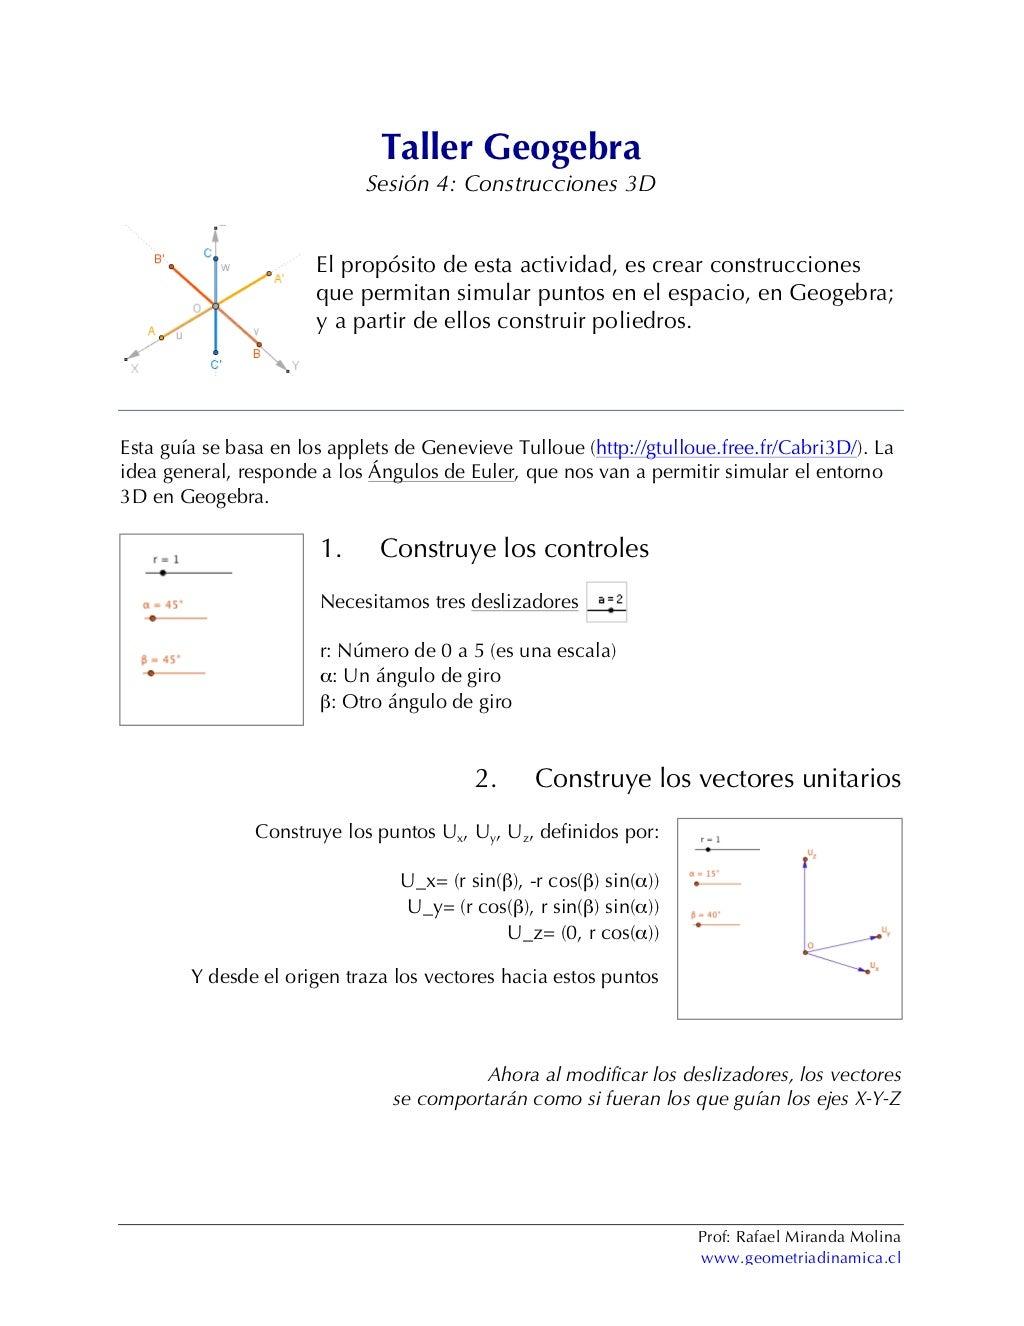 Sesión 4: Construcciones 3D en Geogebra (LEMC USACH)